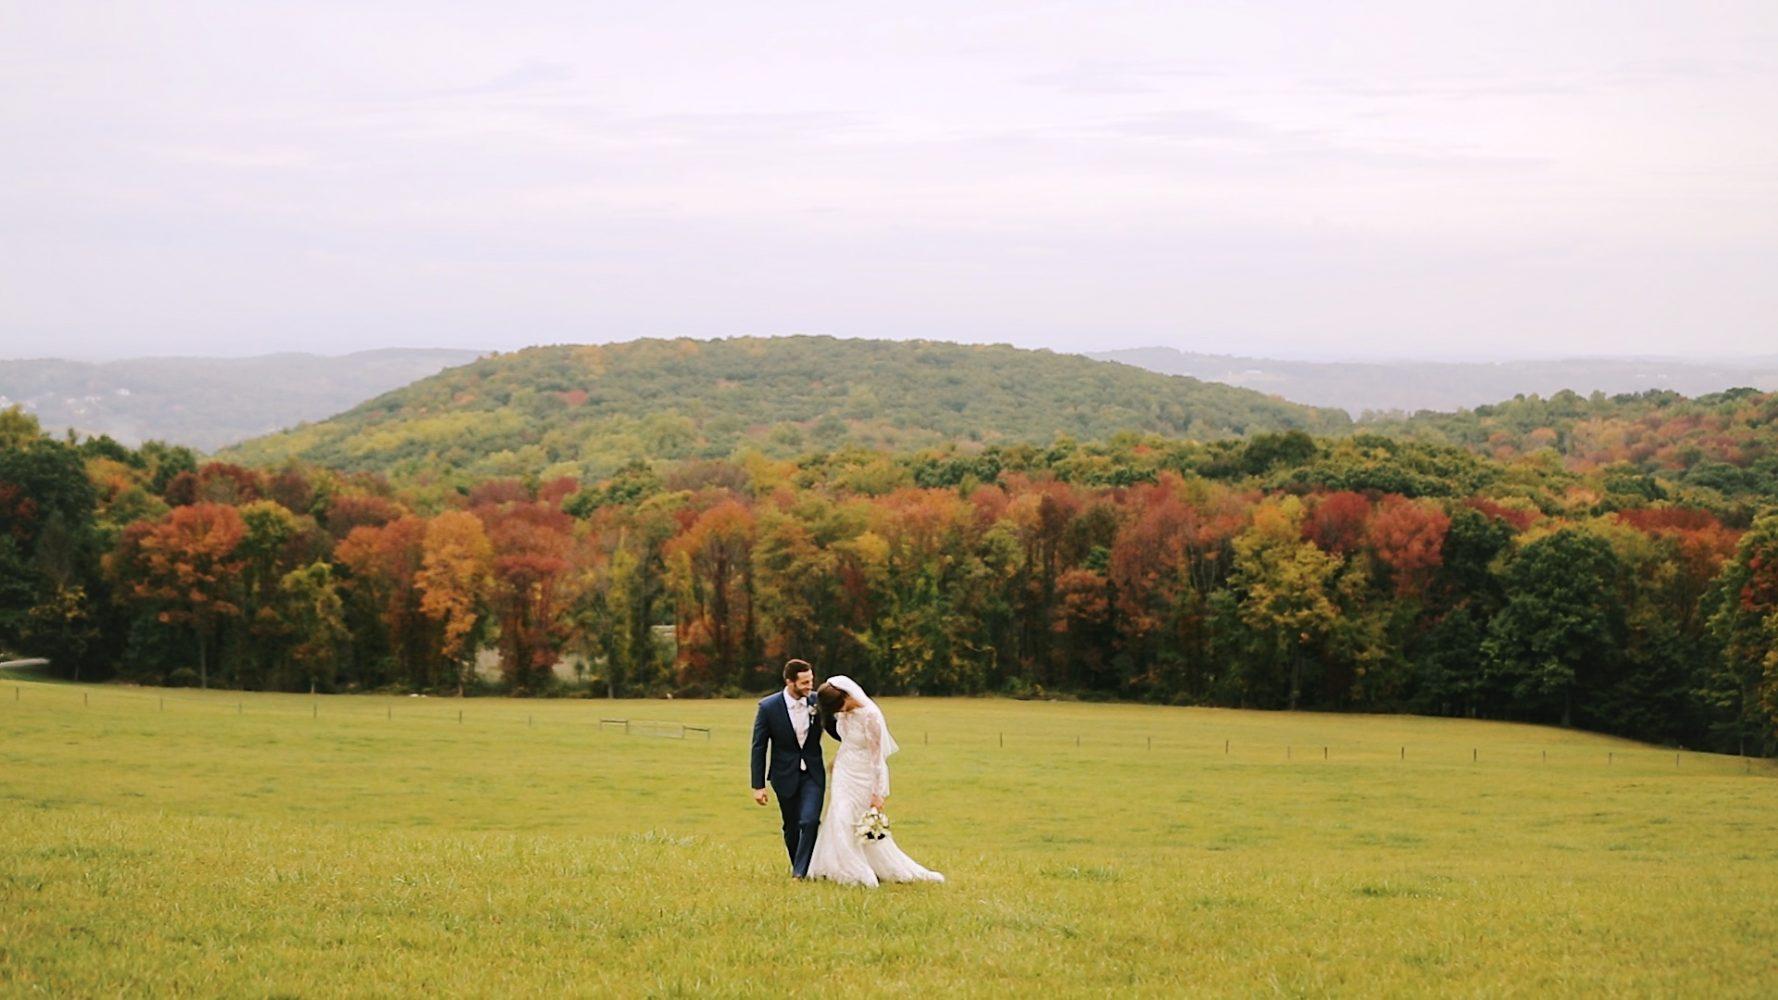 Nicole + Kyle | Warwick, New York | Brady Farm